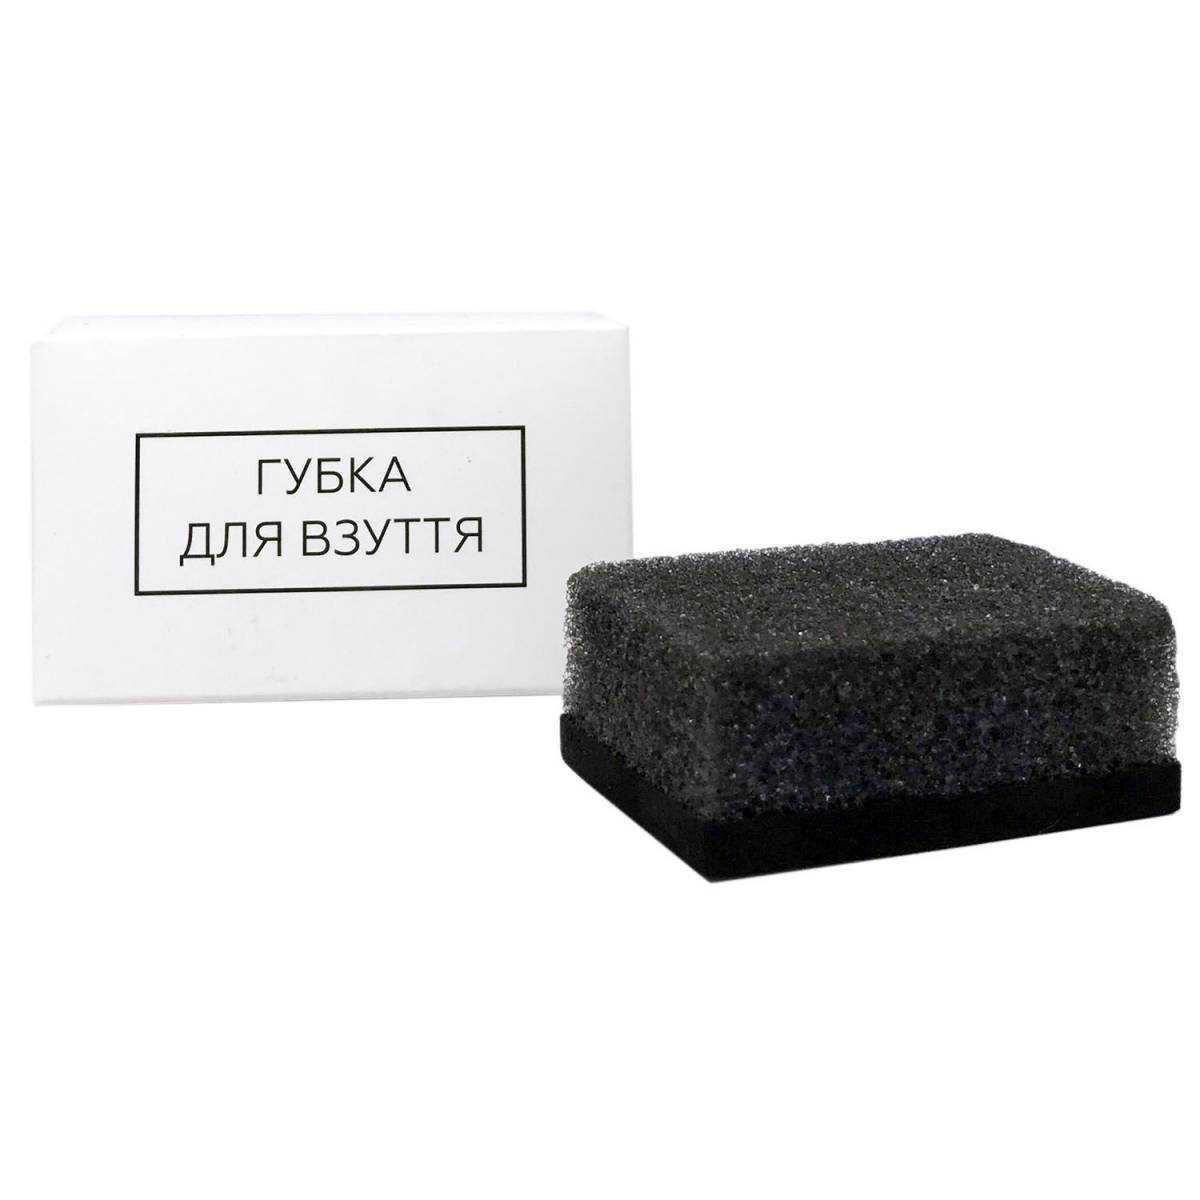 Губка для обуви в п/е и картонной коробочке SS-С HSG